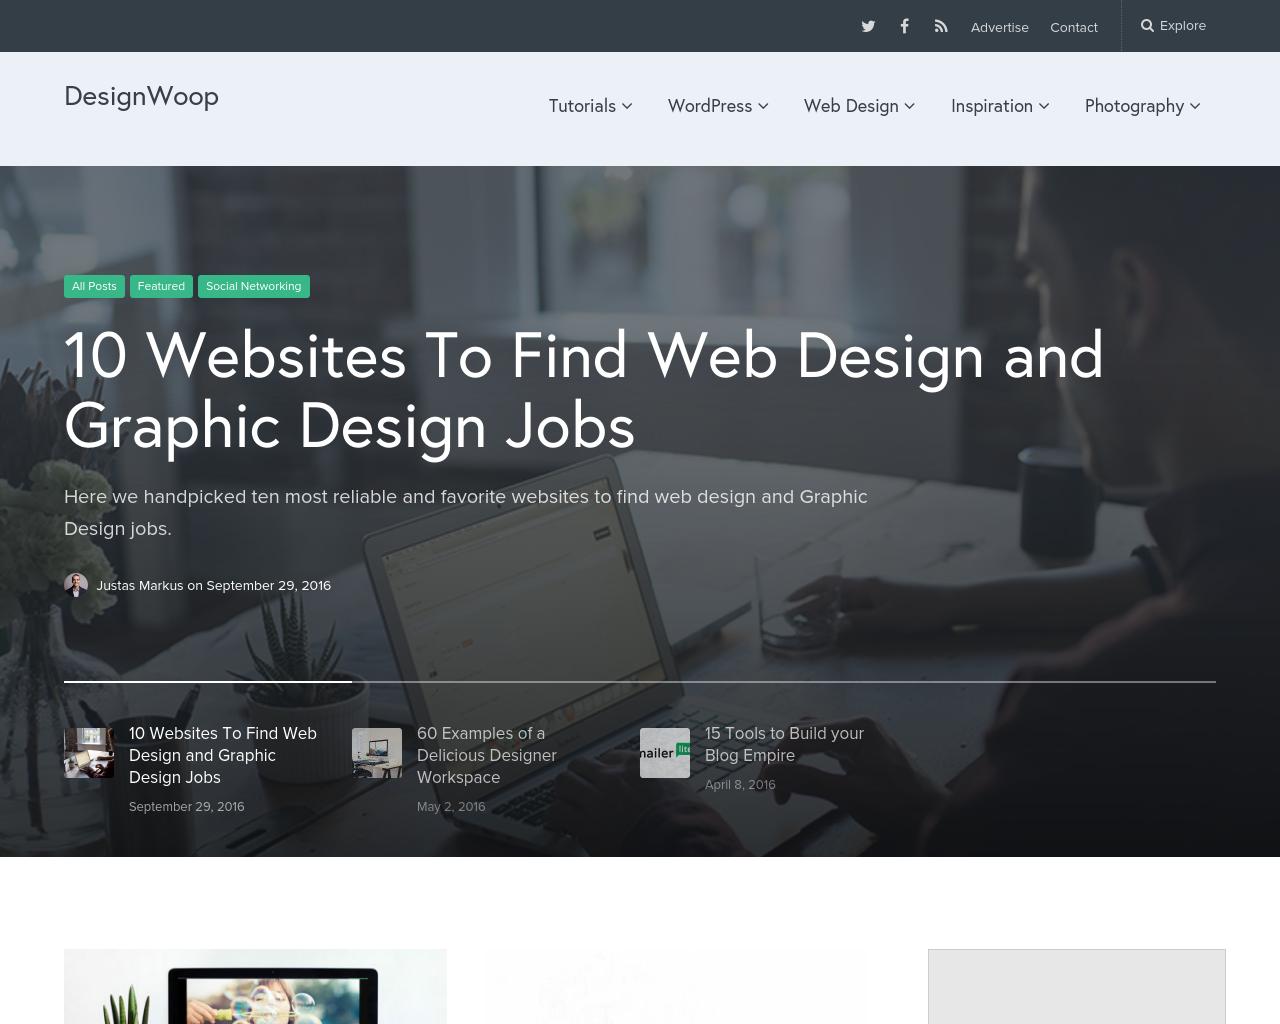 DesignWoop-Advertising-Reviews-Pricing